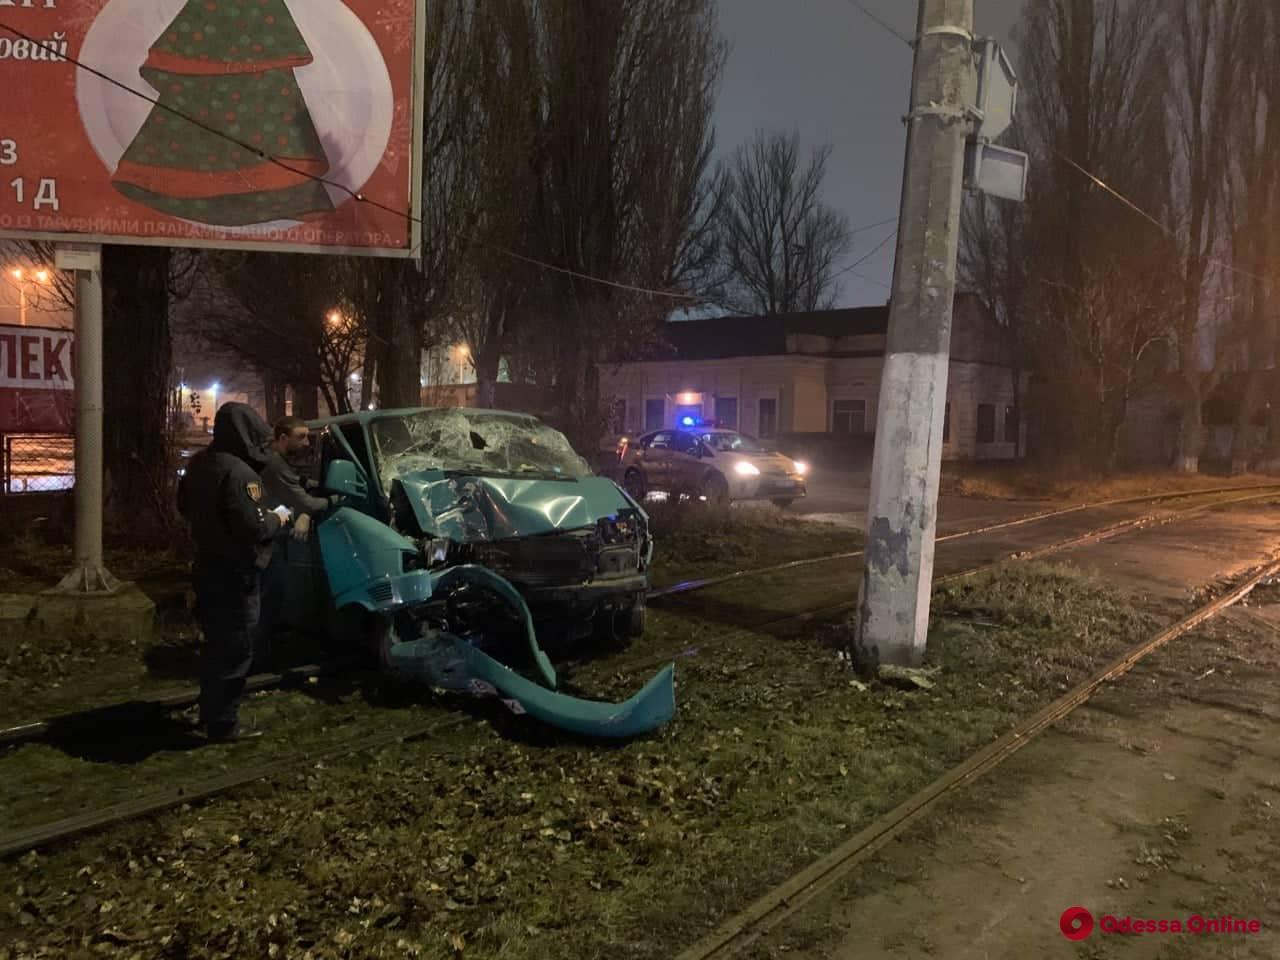 Смертельное ДТП двухлетней давности: Суворовский райсуд Одессы приговорил водителя к 7 годам тюрьмы